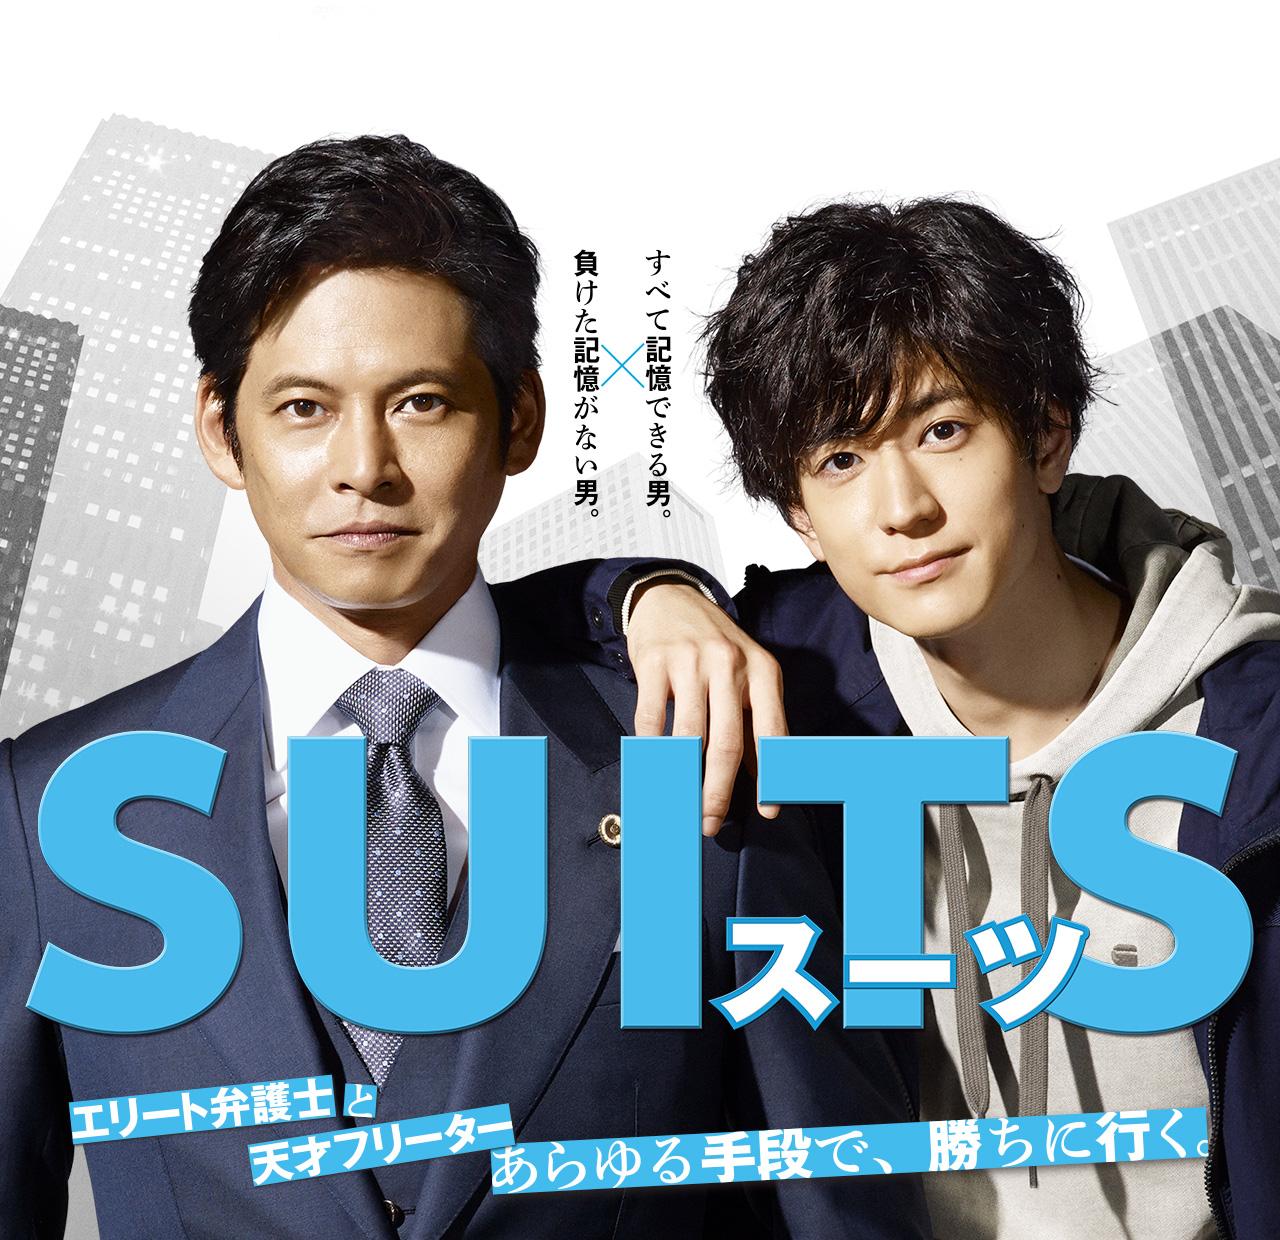 スーツ(月9・織田裕二)10月15日・第二話のあらすじ・ネタバレ!出演しているキャスト(俳優)は誰?